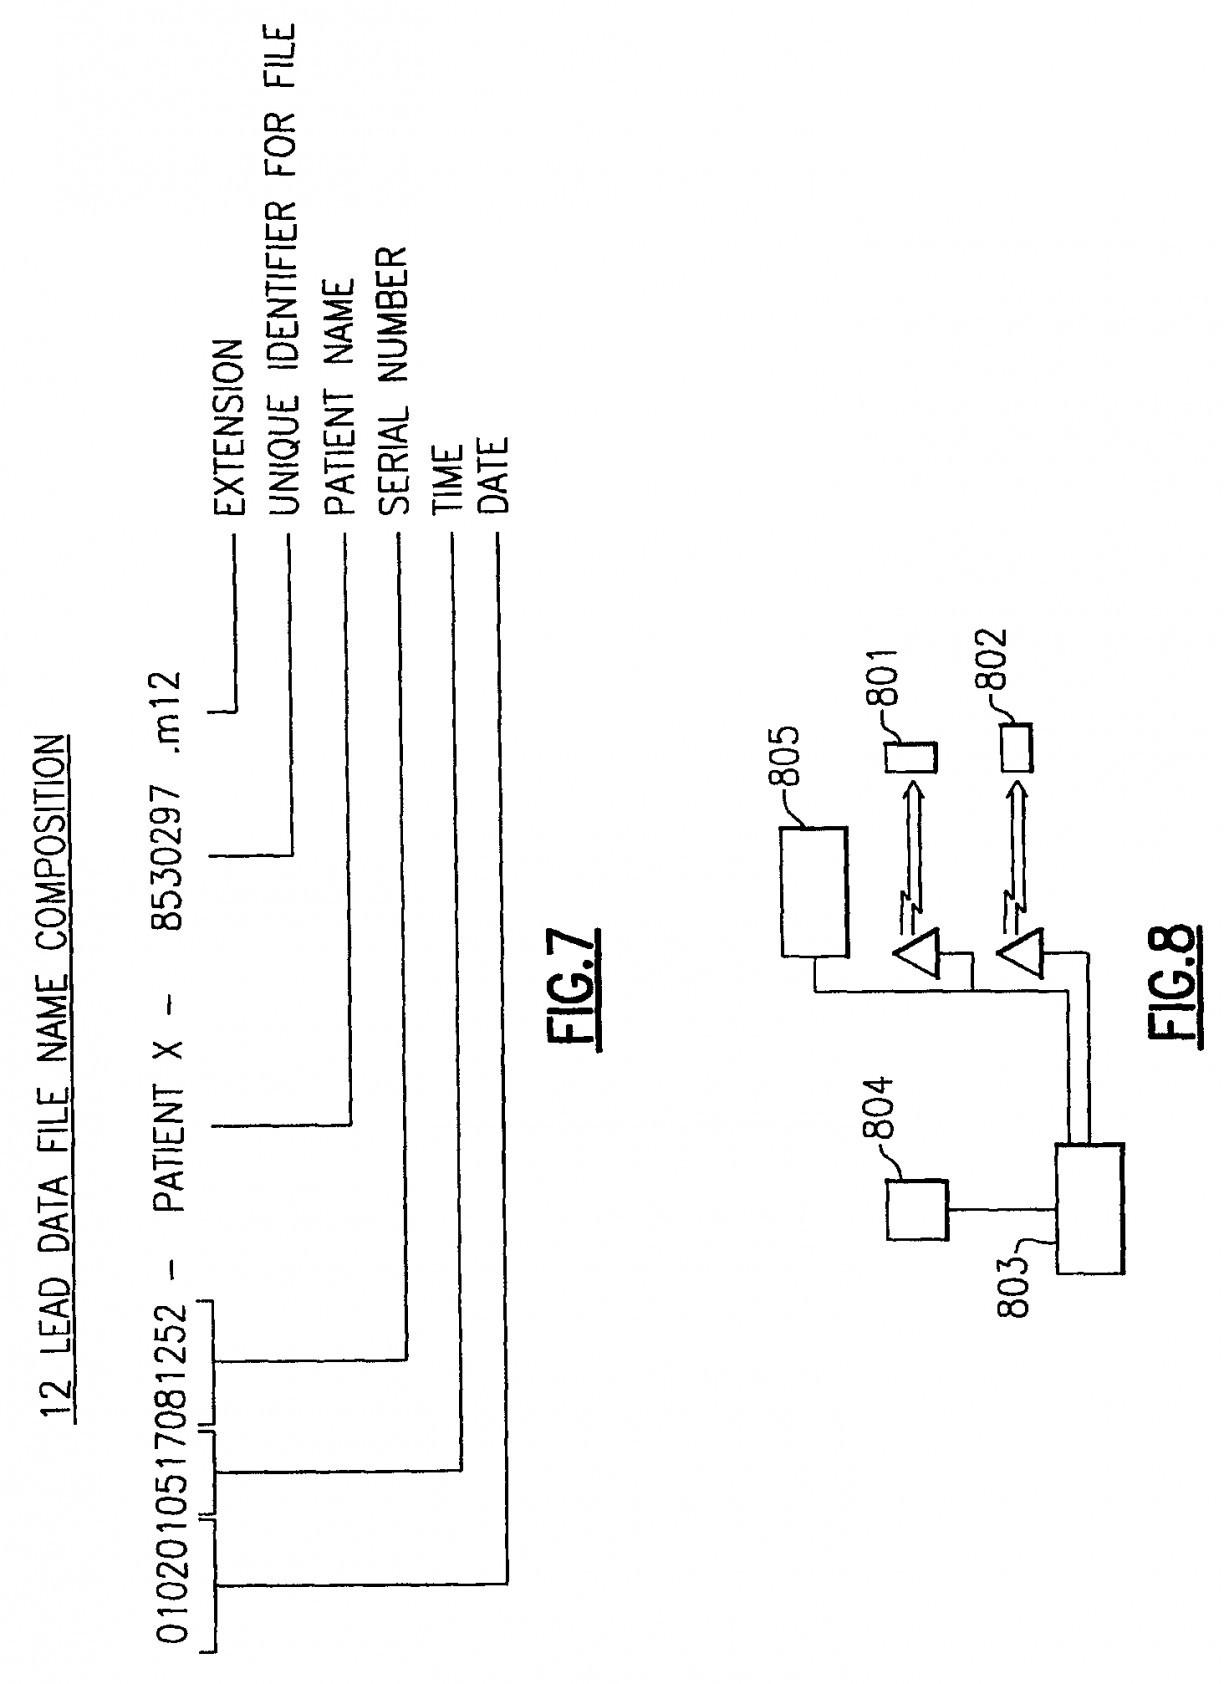 Wiring Diagram For Toad Alarm New Großzügig Autopage Schaltplan Galerie Elektrische Schaltplan Ideen